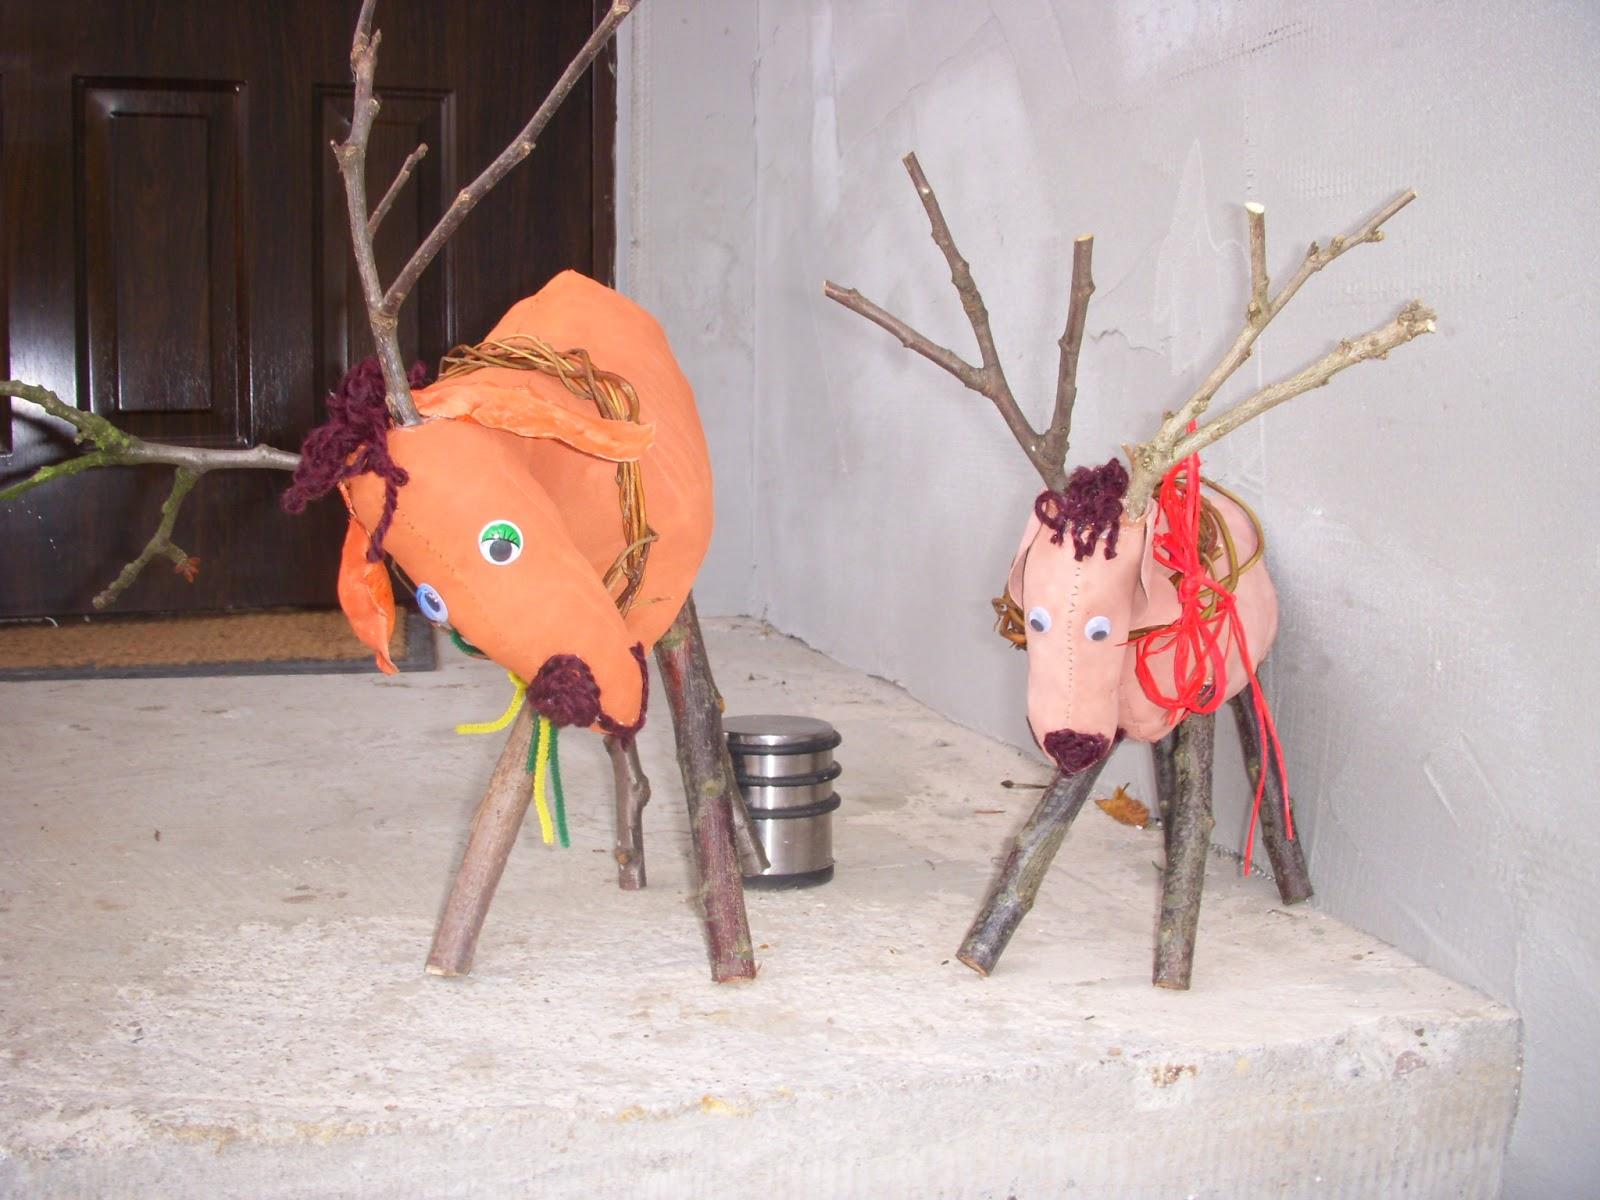 Kreatywne Dekoracje Creative Decoration Dekoracje Na święta